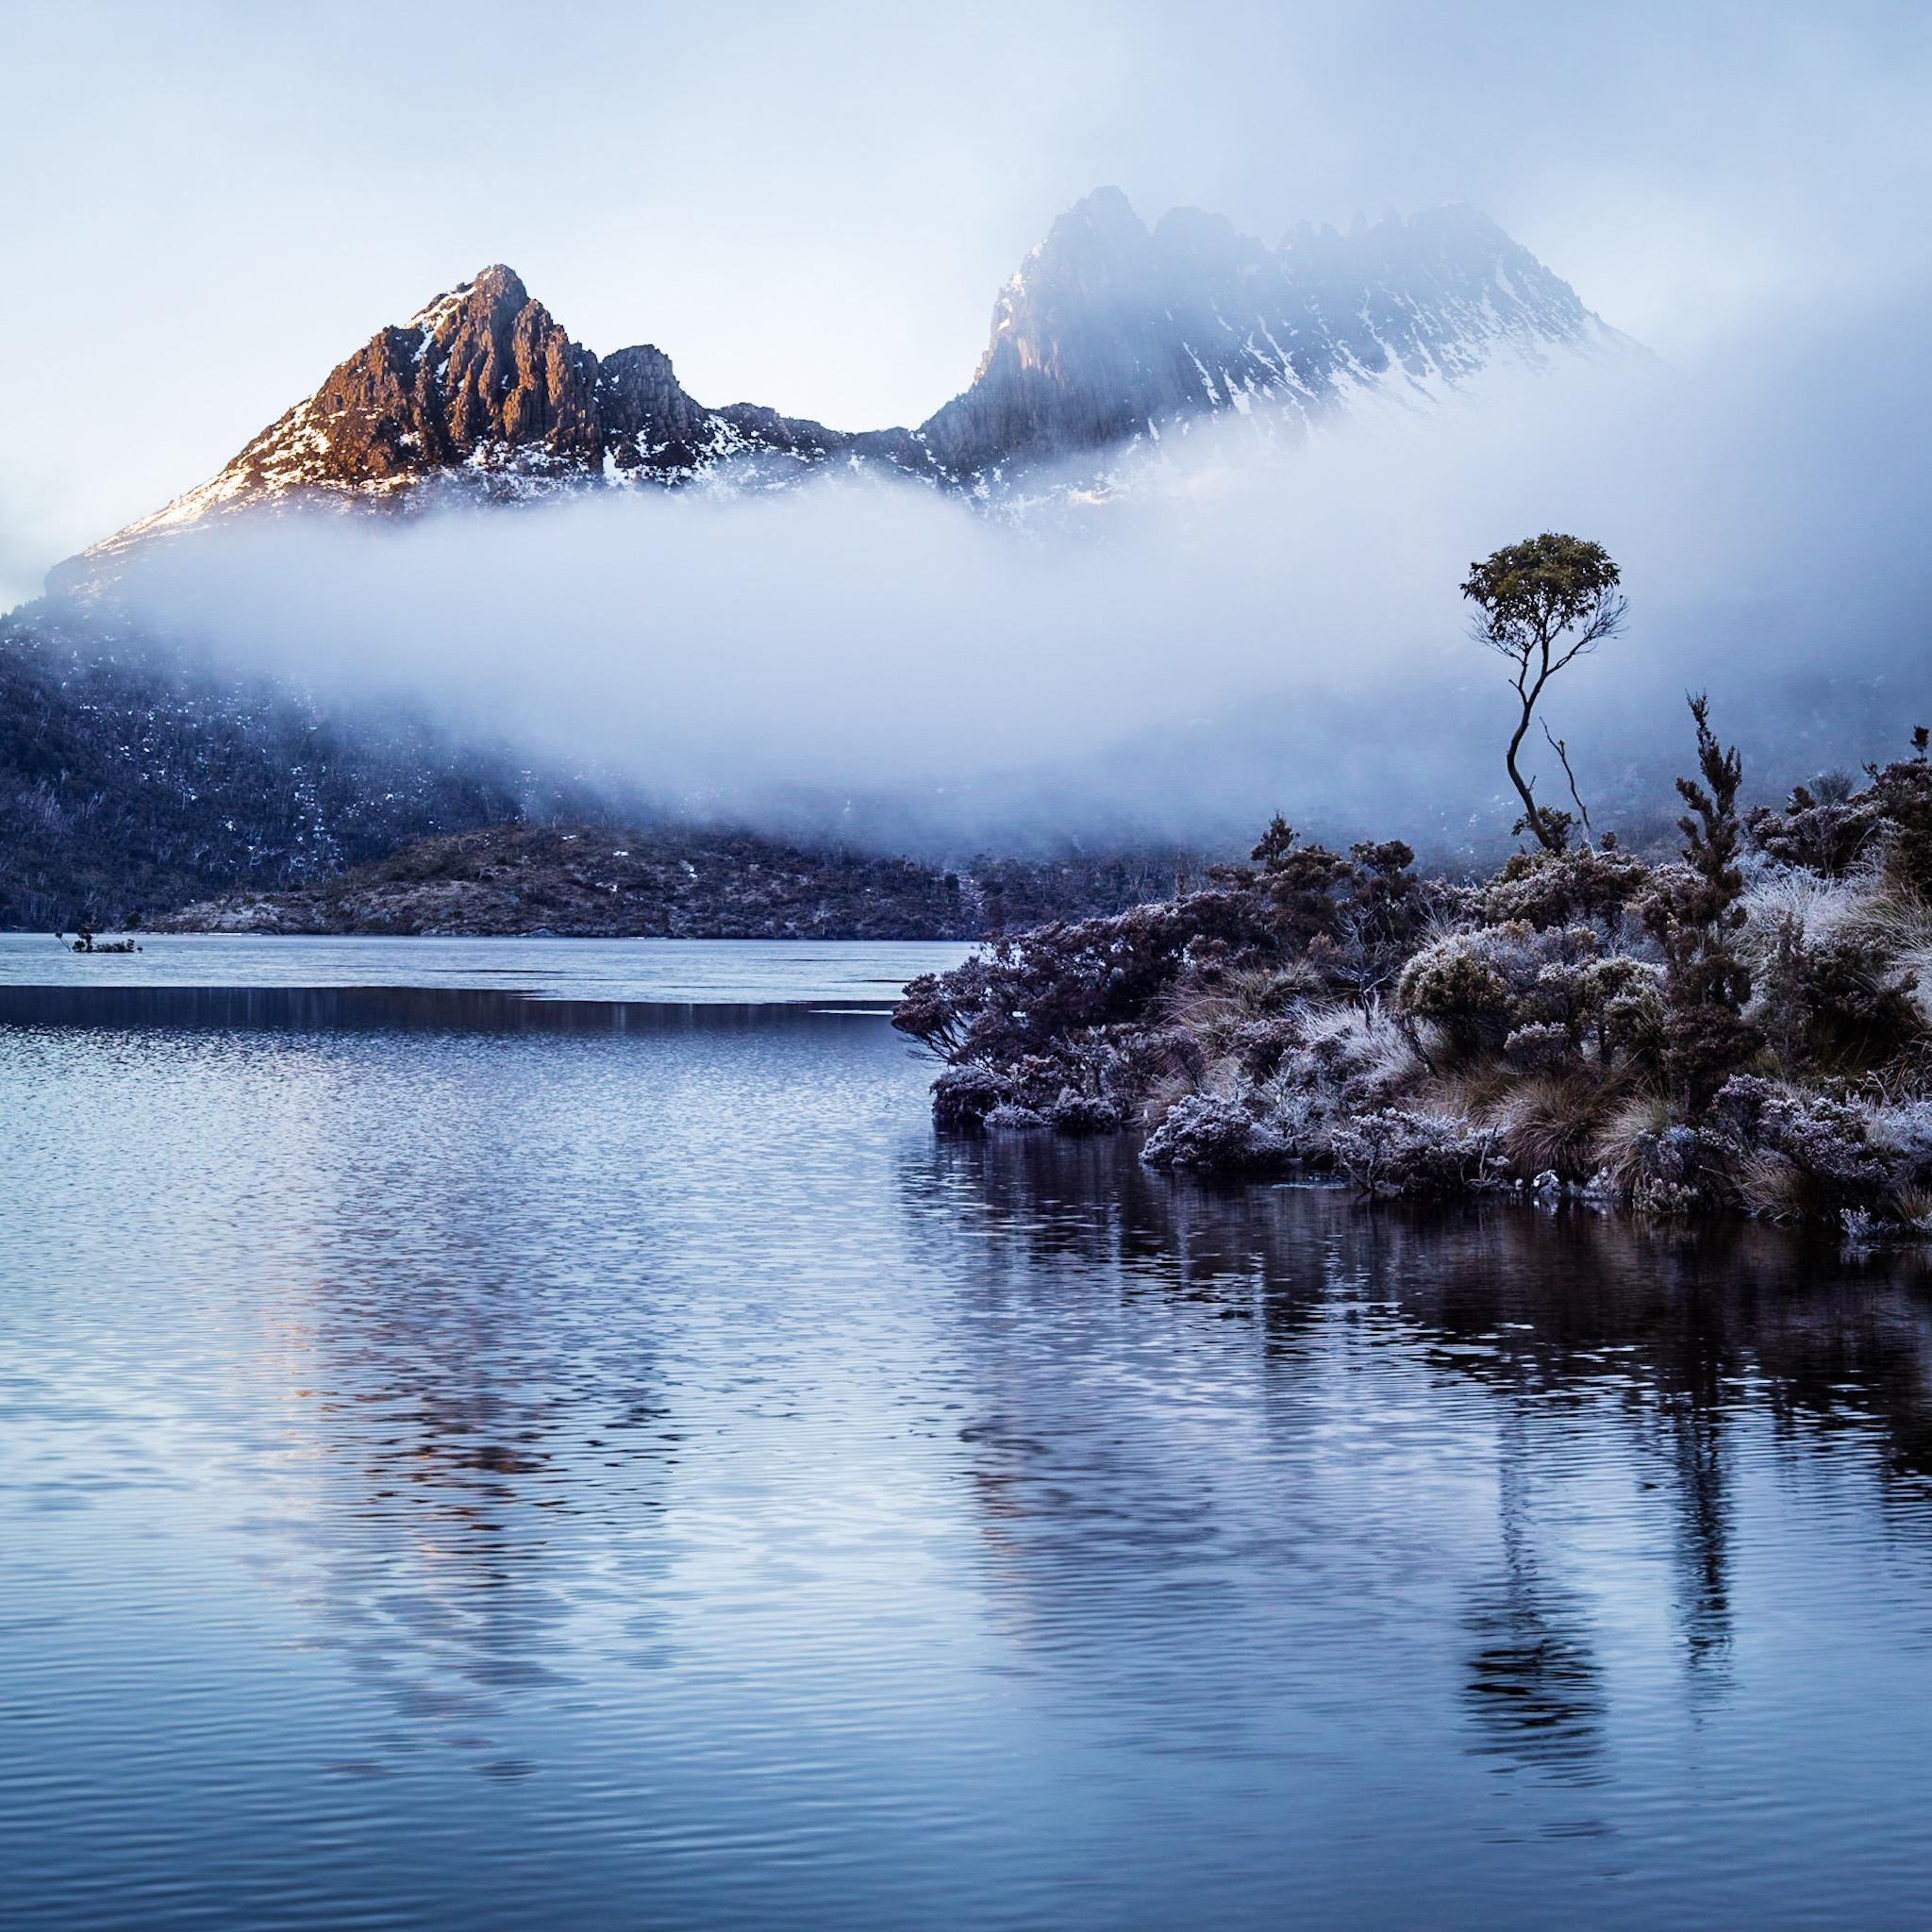 Cradle Mountain and Dove Lake. Photograph copyright © Len Metcalf 2019